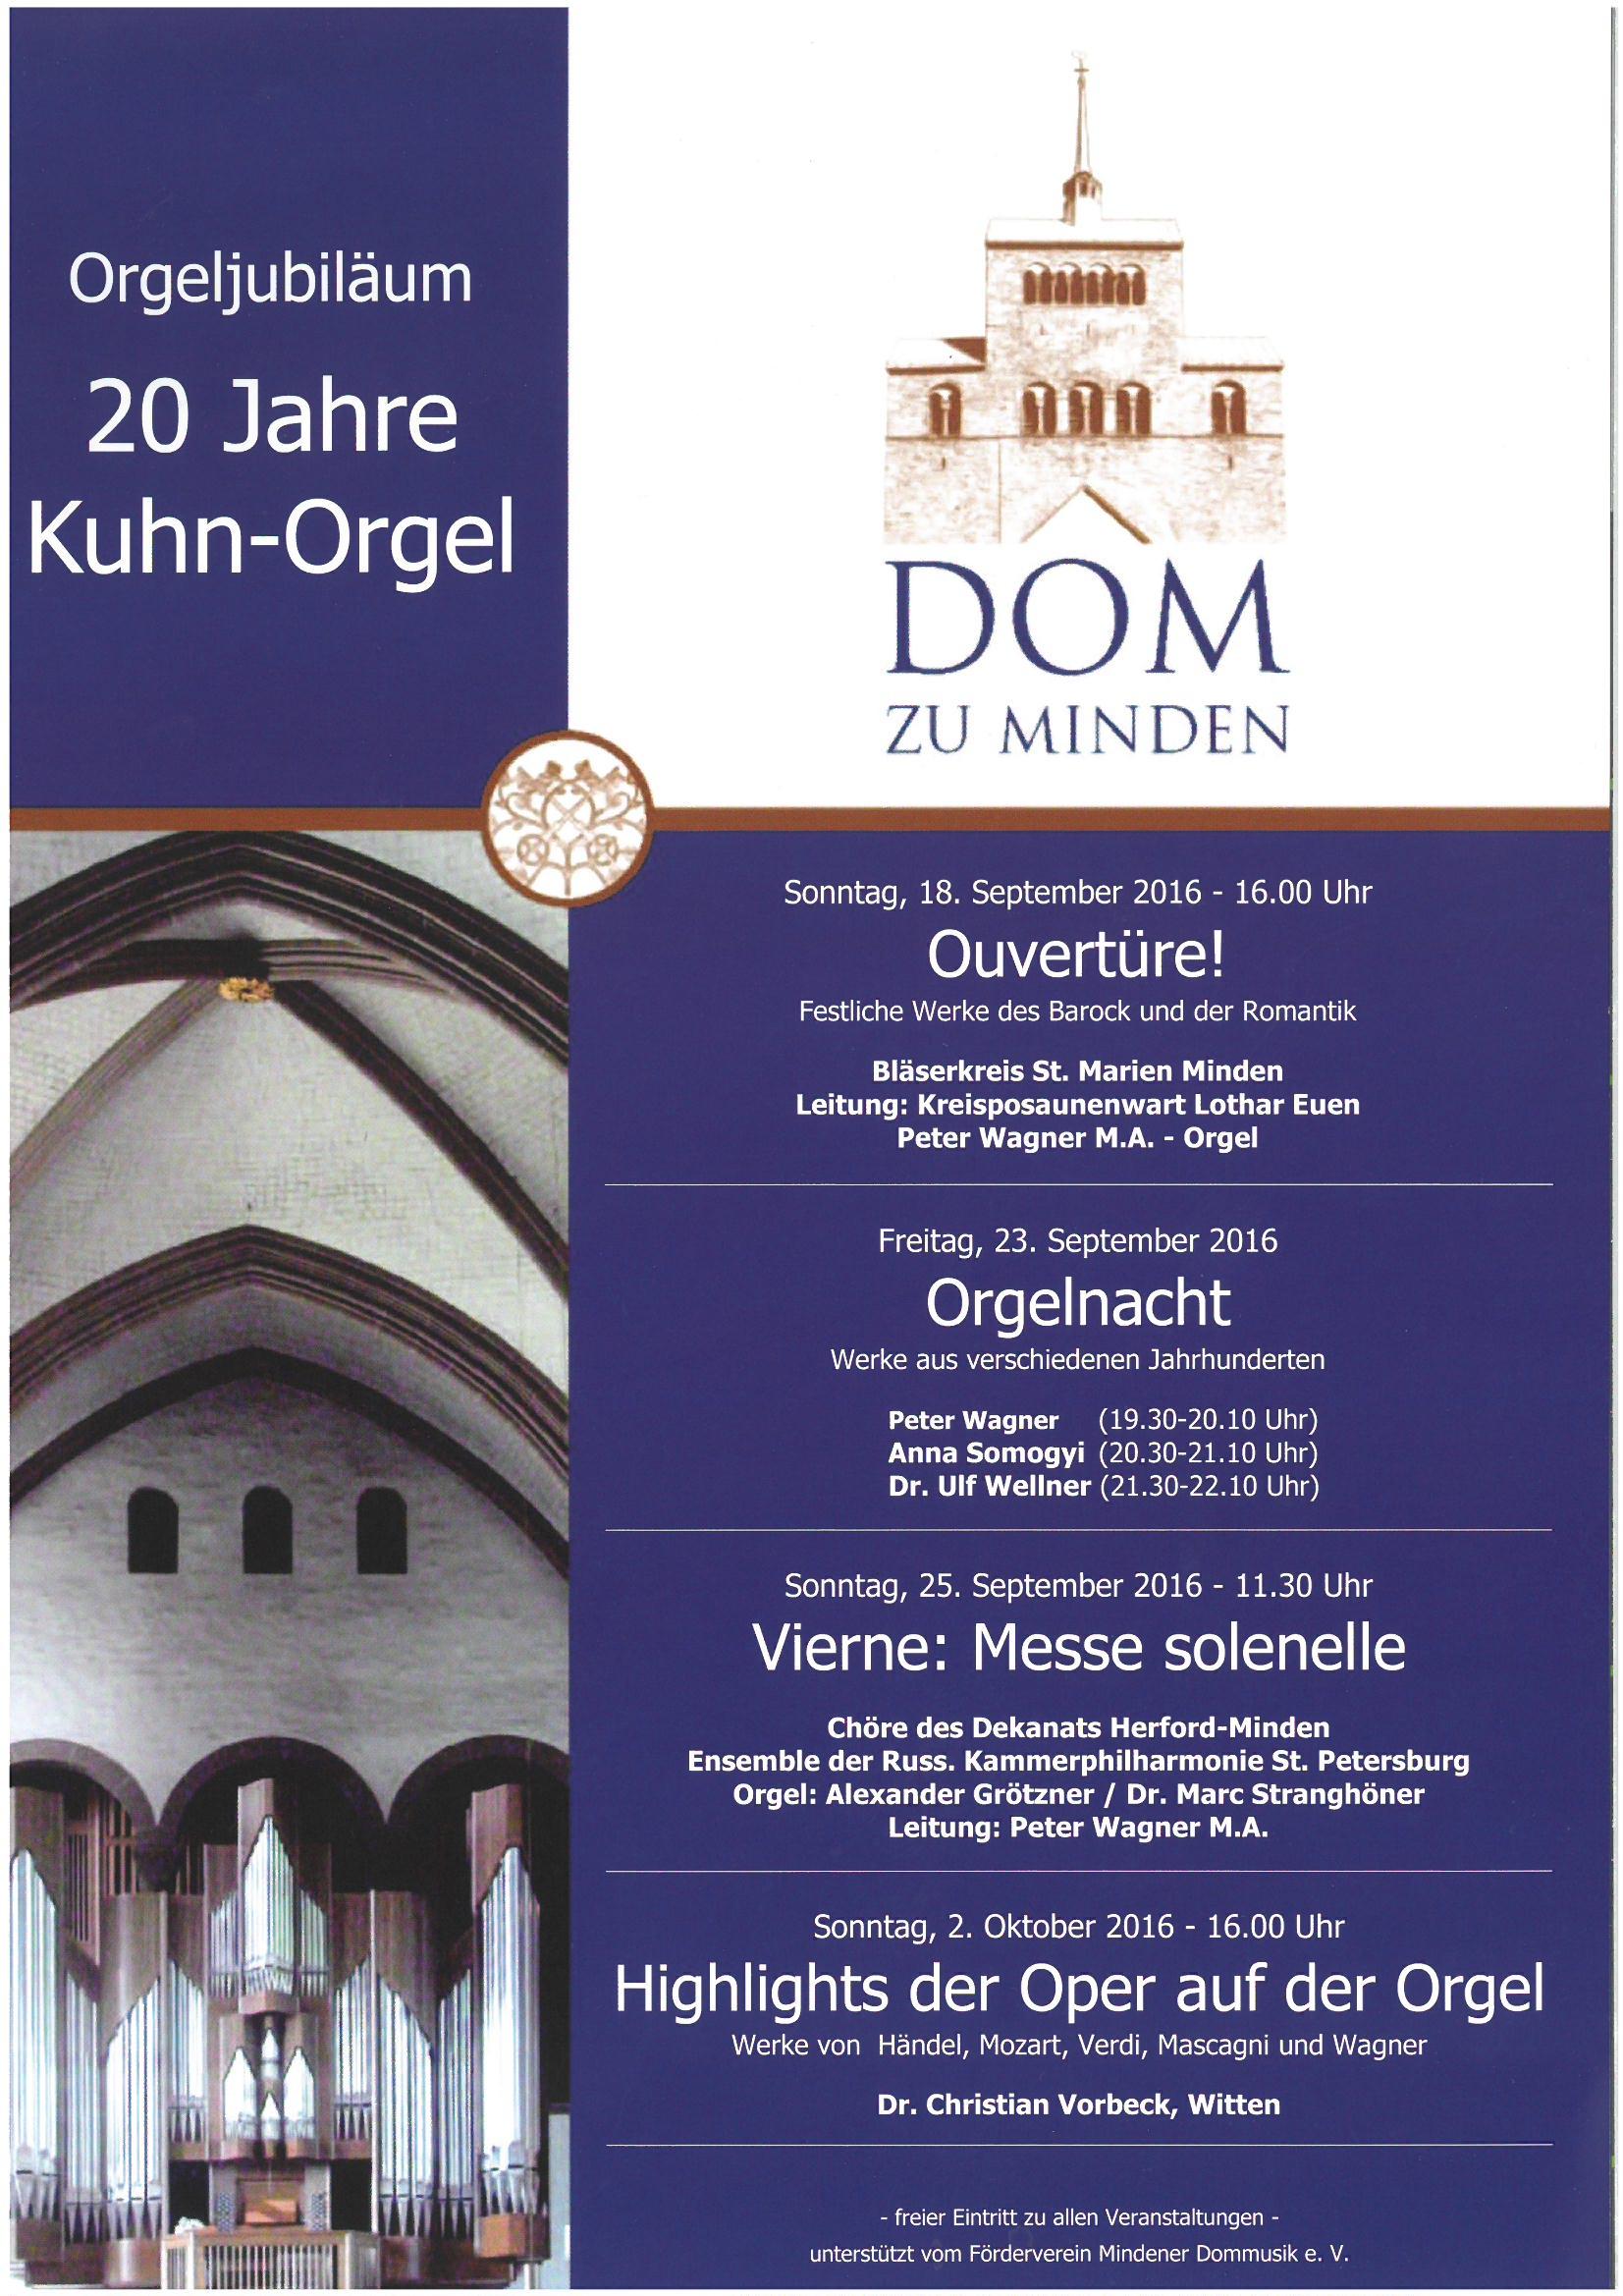 Orgeljubiläum 20 Jahre Kuhn-Orgel